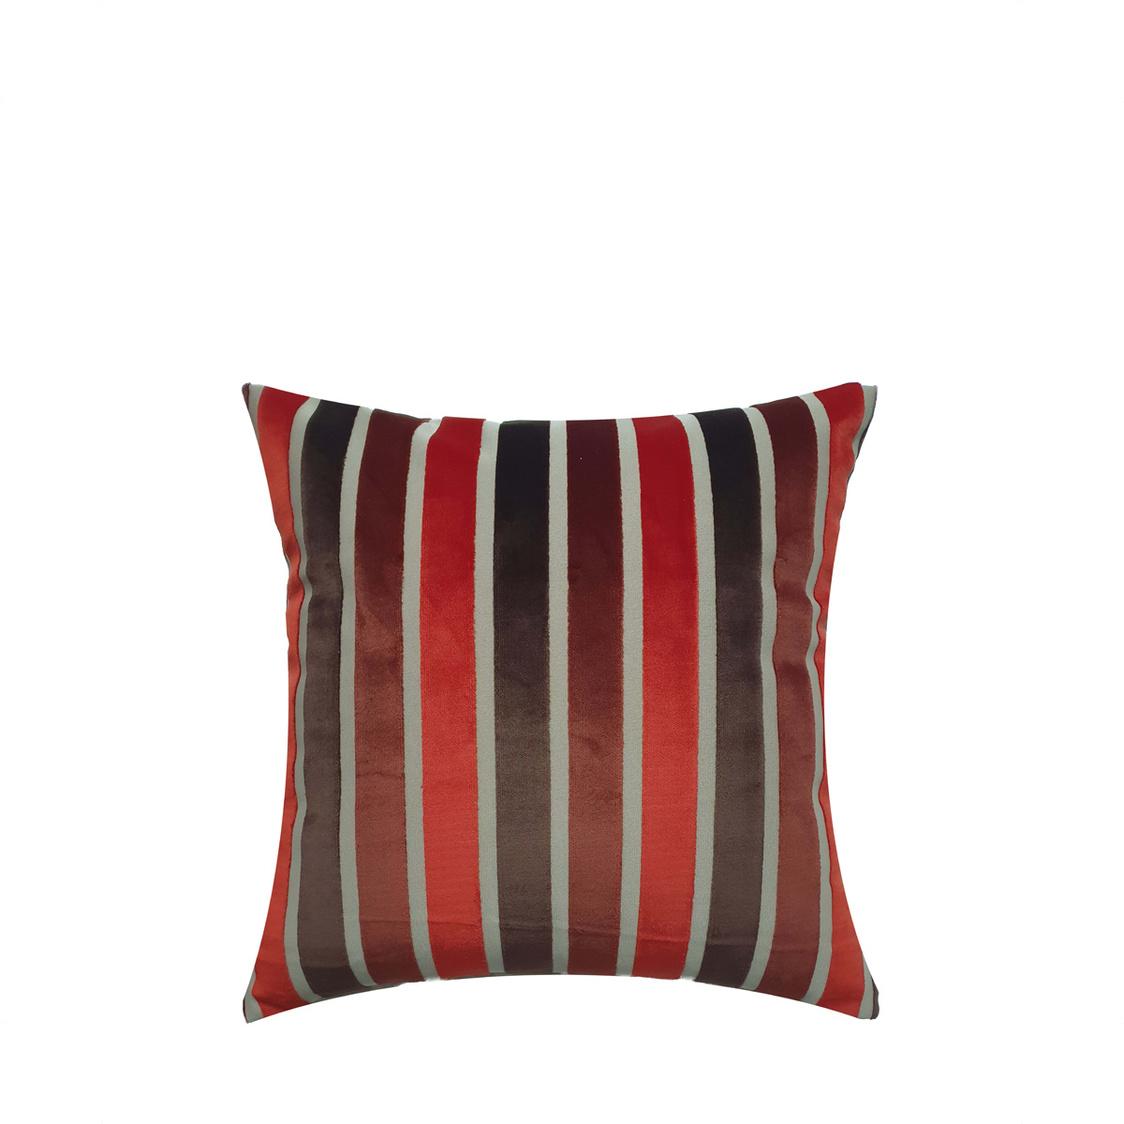 JRapee Neo Cushion Cover Stripe 43x43cm